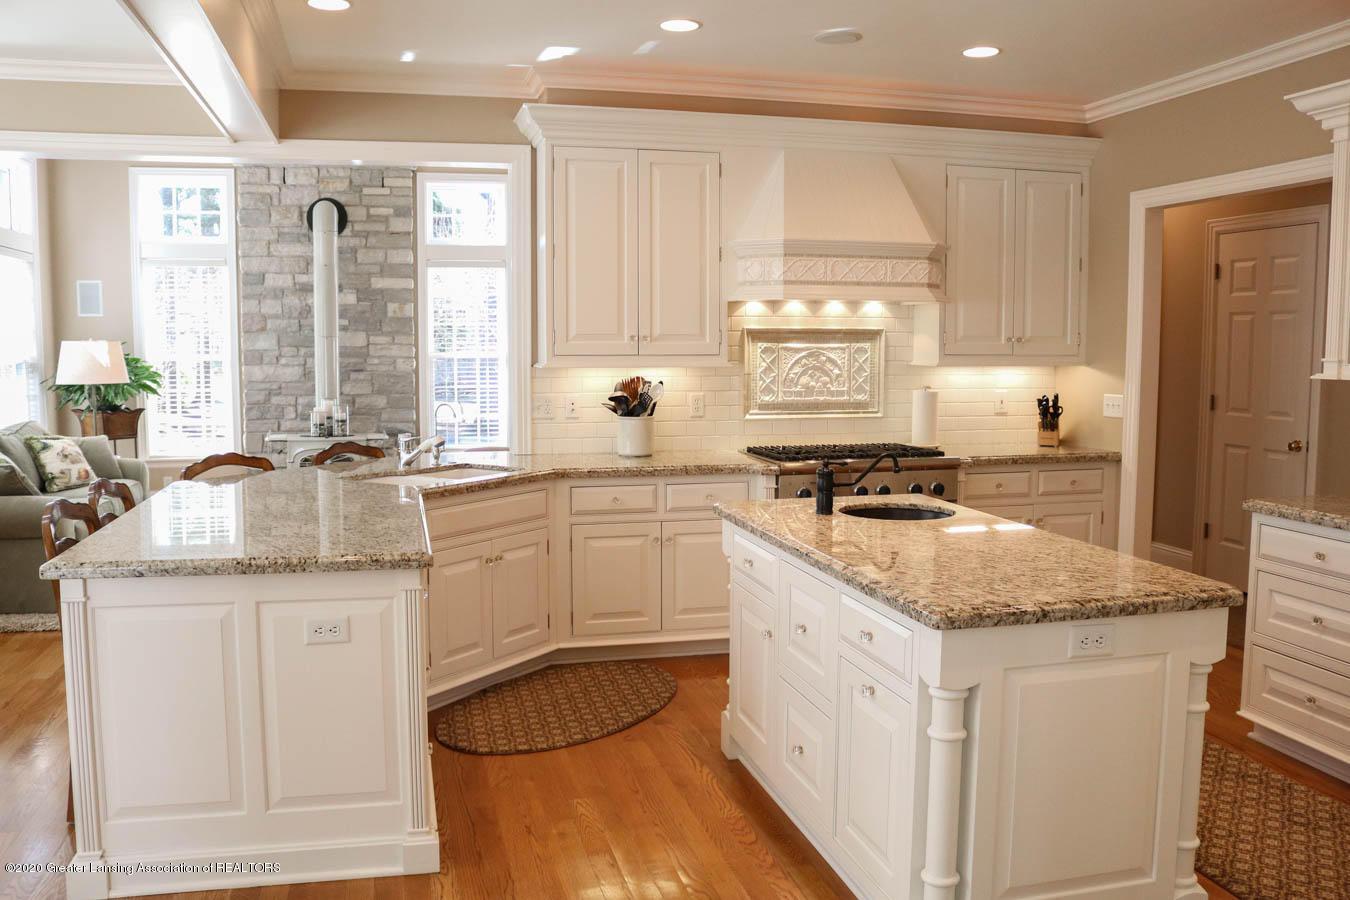 6090 Standish Ct - Kitchen - 17